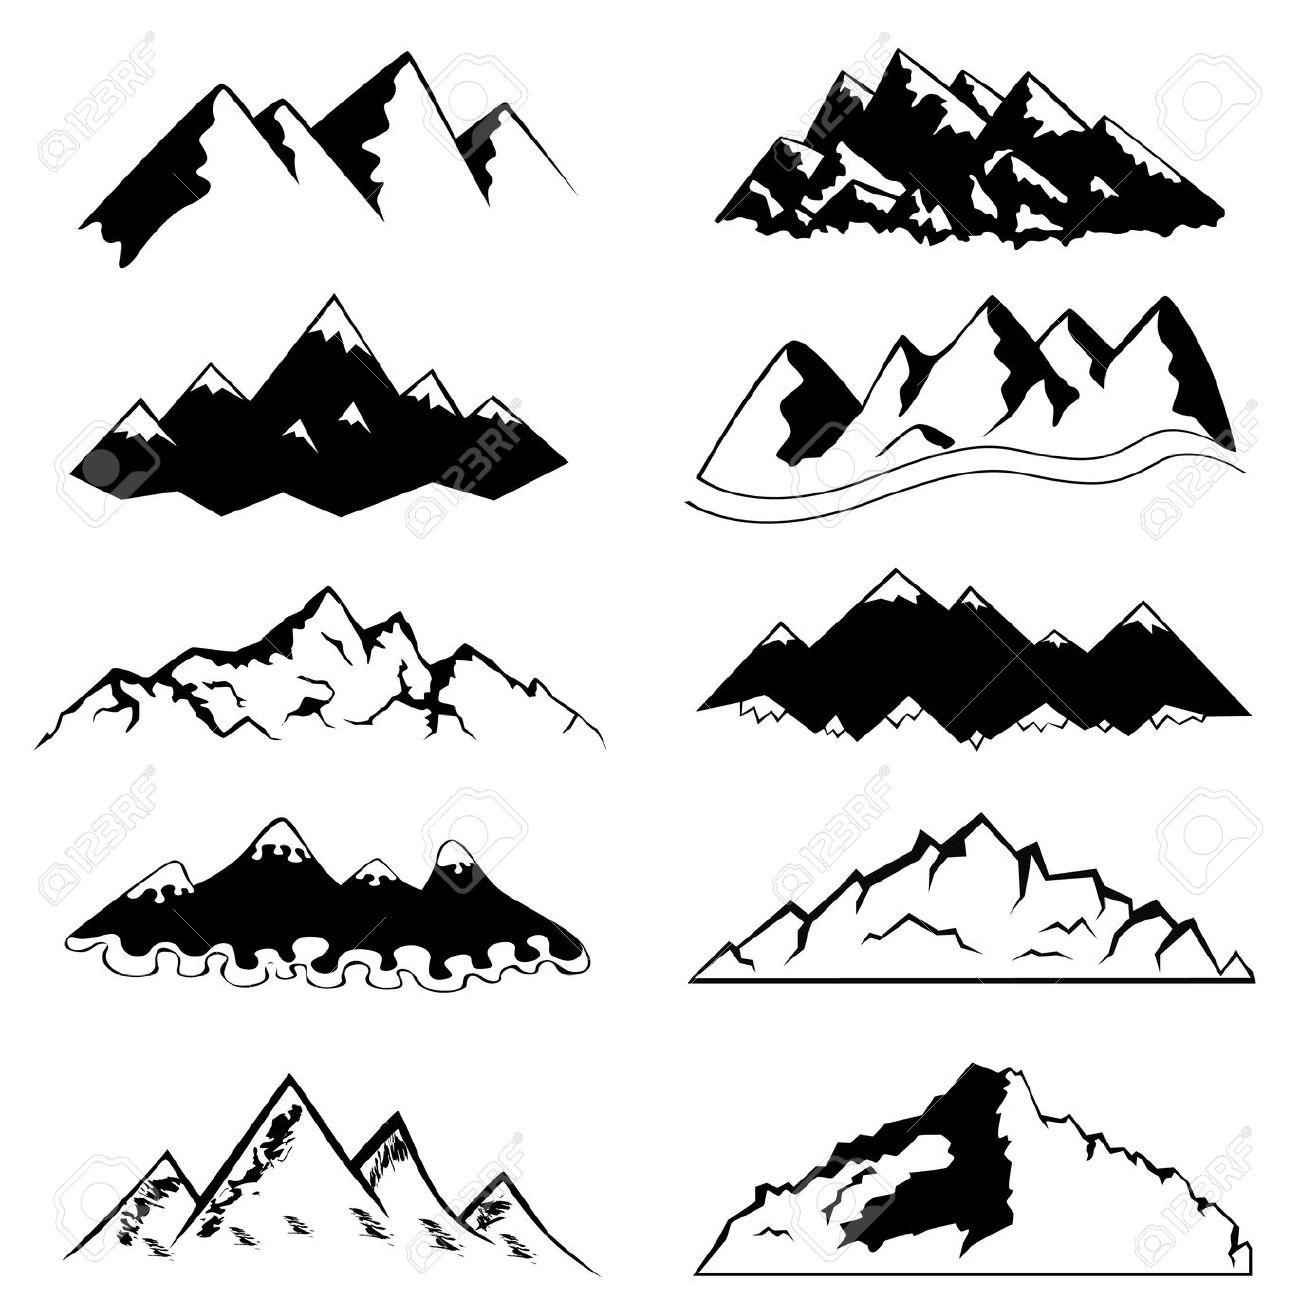 Alps mountain clipart.